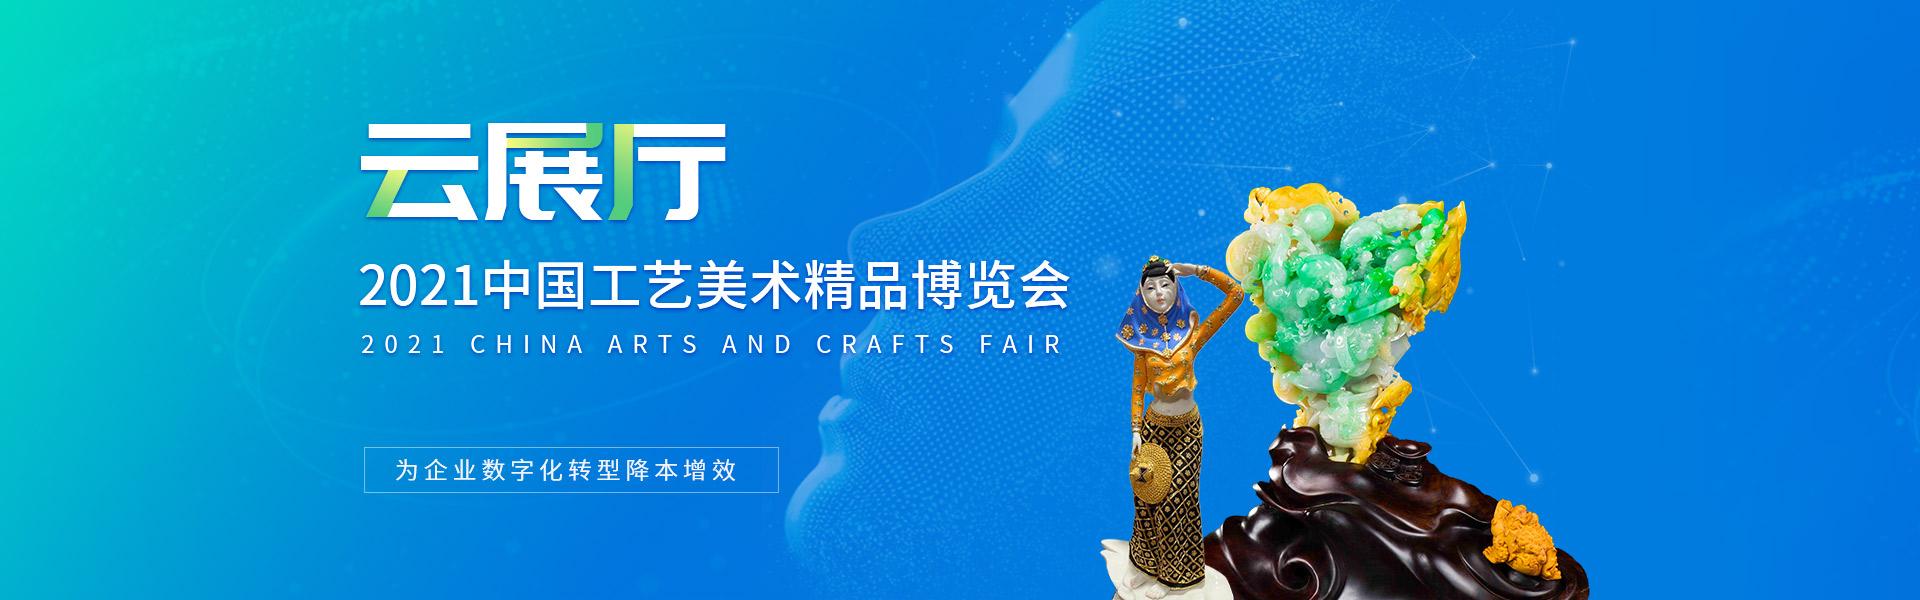 2021中国工艺美术精品博览会